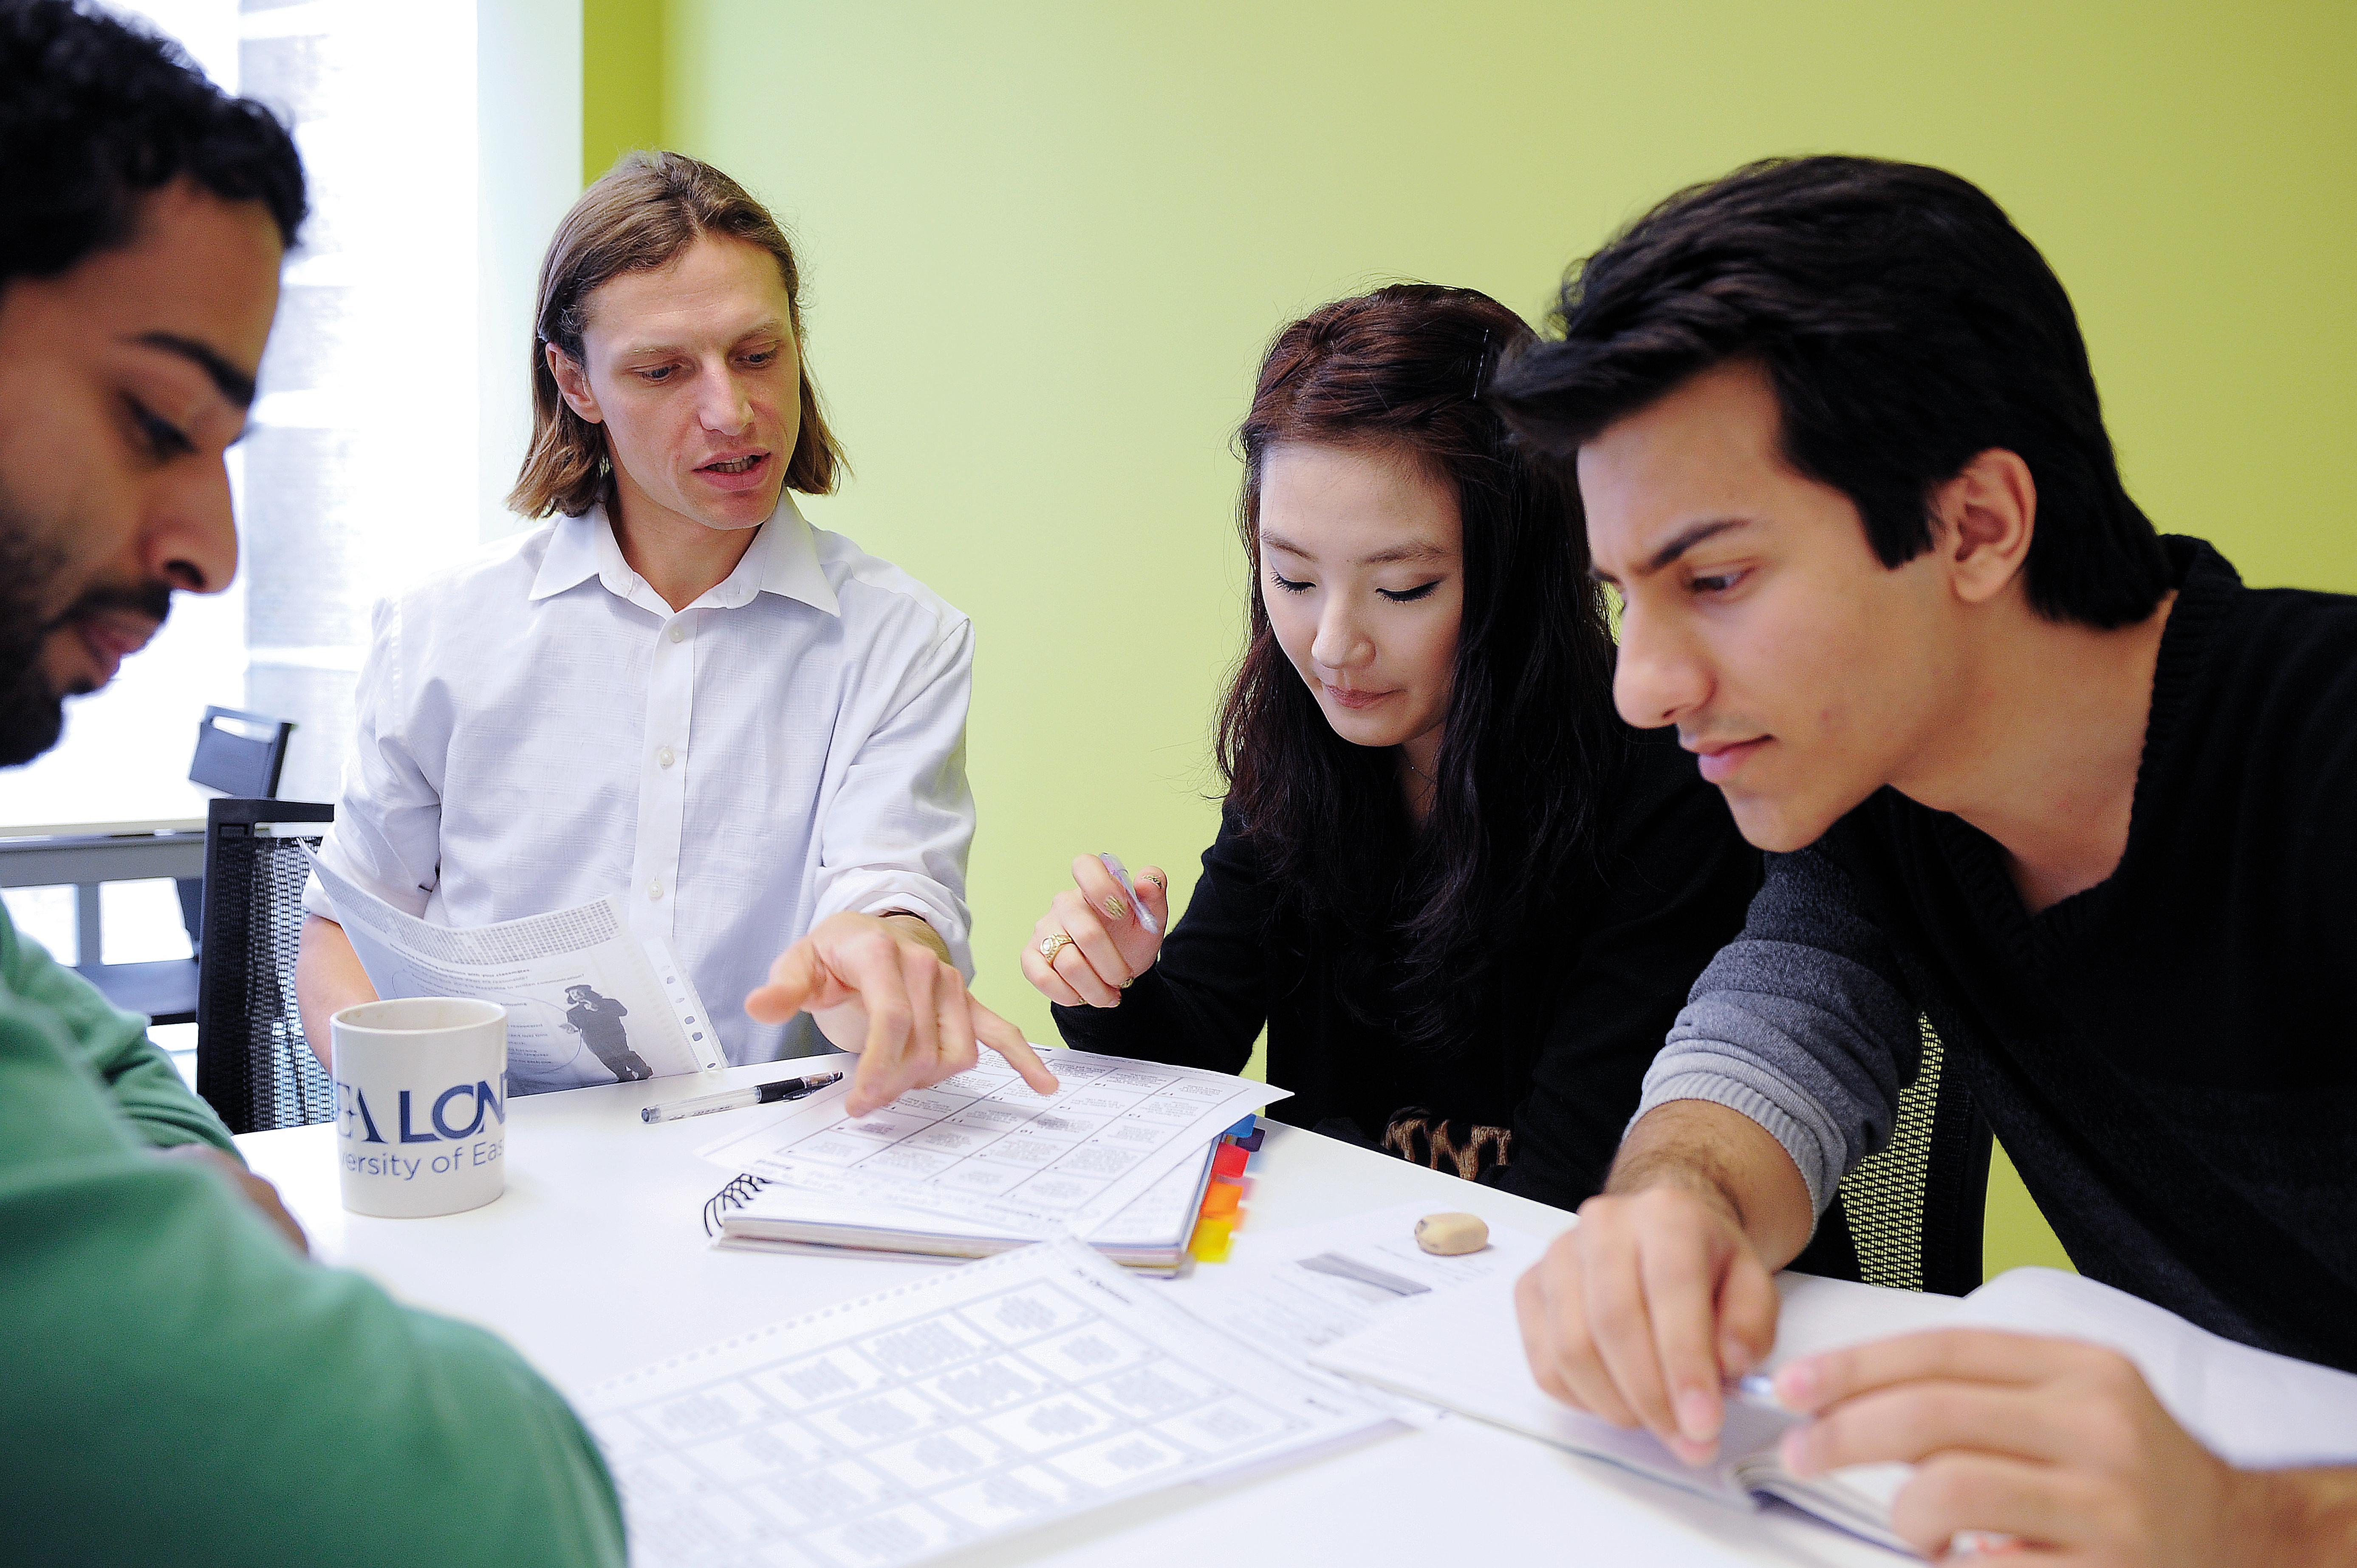 Group development - Wikipedia